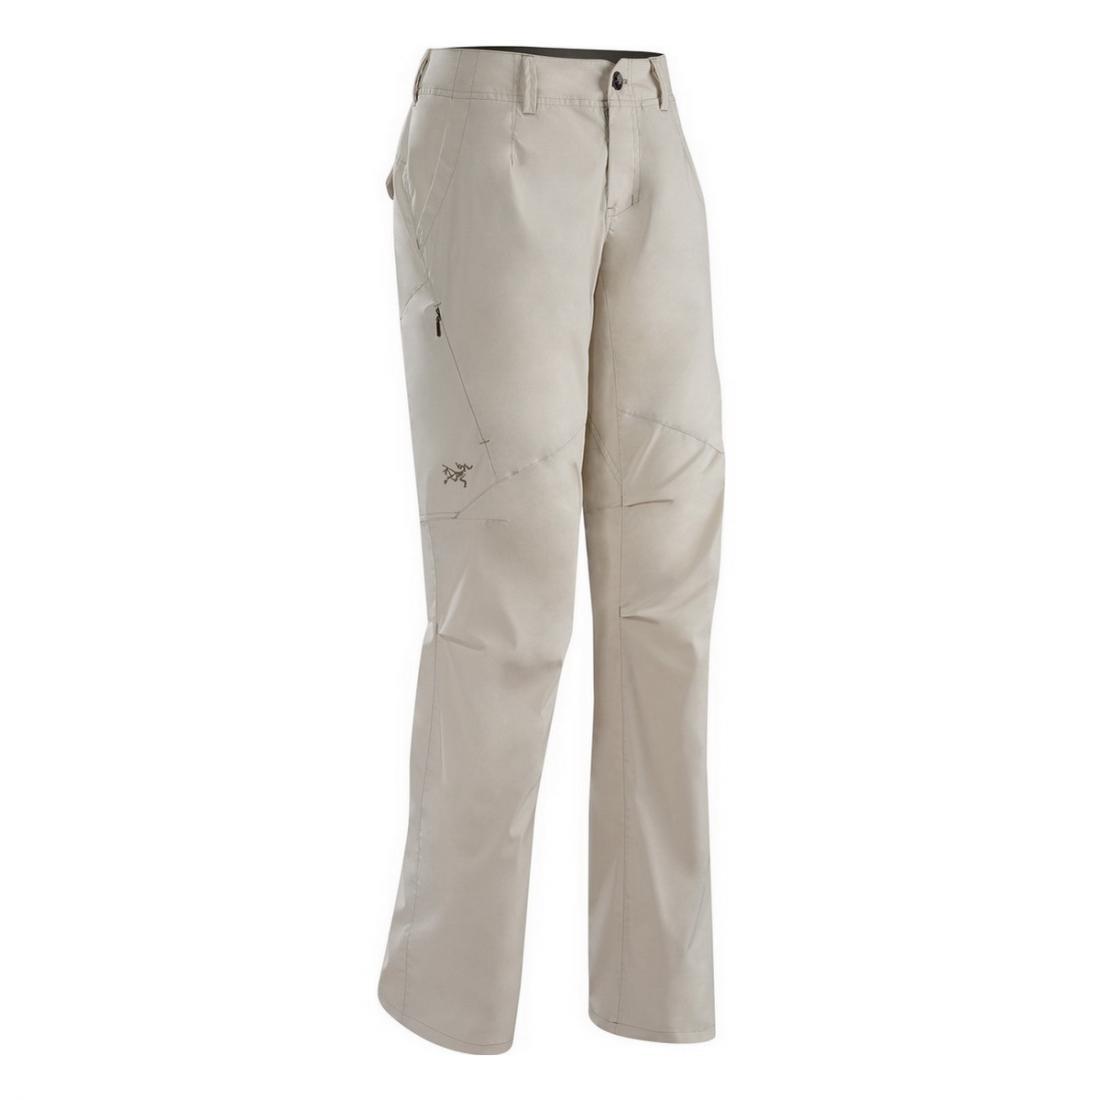 Брюки Kenna Pant жен.Брюки, штаны<br><br><br><br> Брюки карго – самая удобная модель для активных путешествий. Kenna Pant Womens – стильные и удобные брюки от канадского производителя Arc...<br><br>Цвет: Бежевый<br>Размер: 10